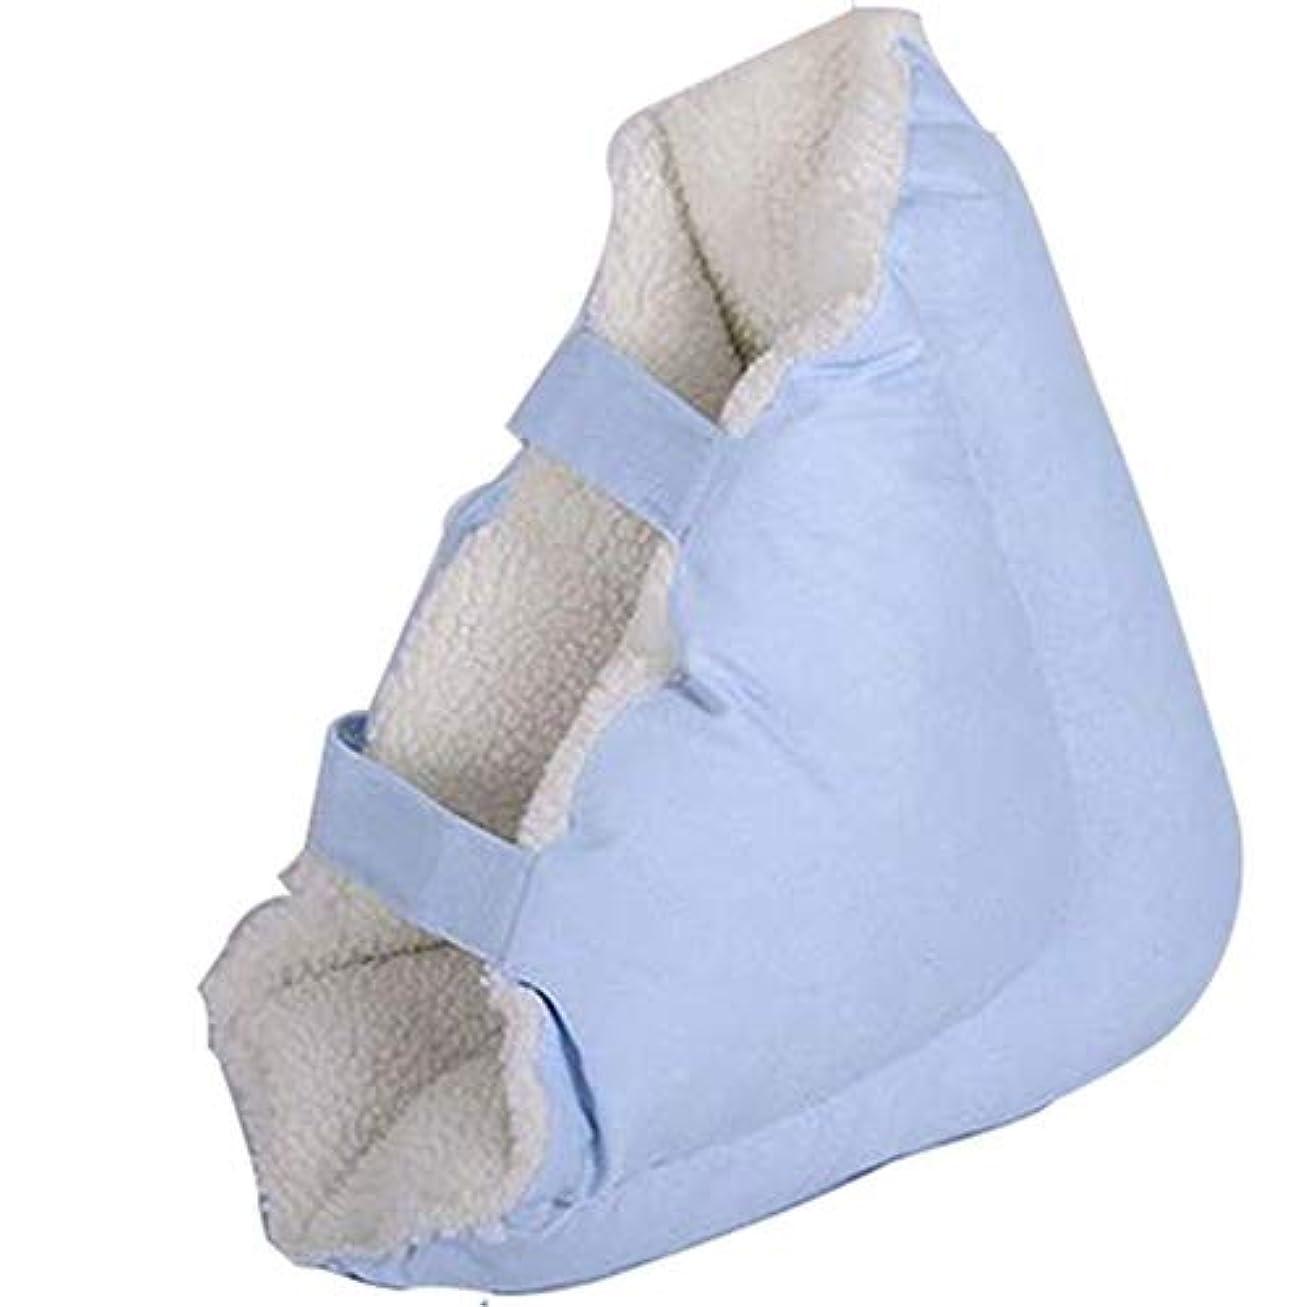 歌詞重さあごヒールクッションプロテクター、足枕かかとパッド保護パッド-抗ニキビ抗菌布枕、1ペア床ずれ防止 かかとあて